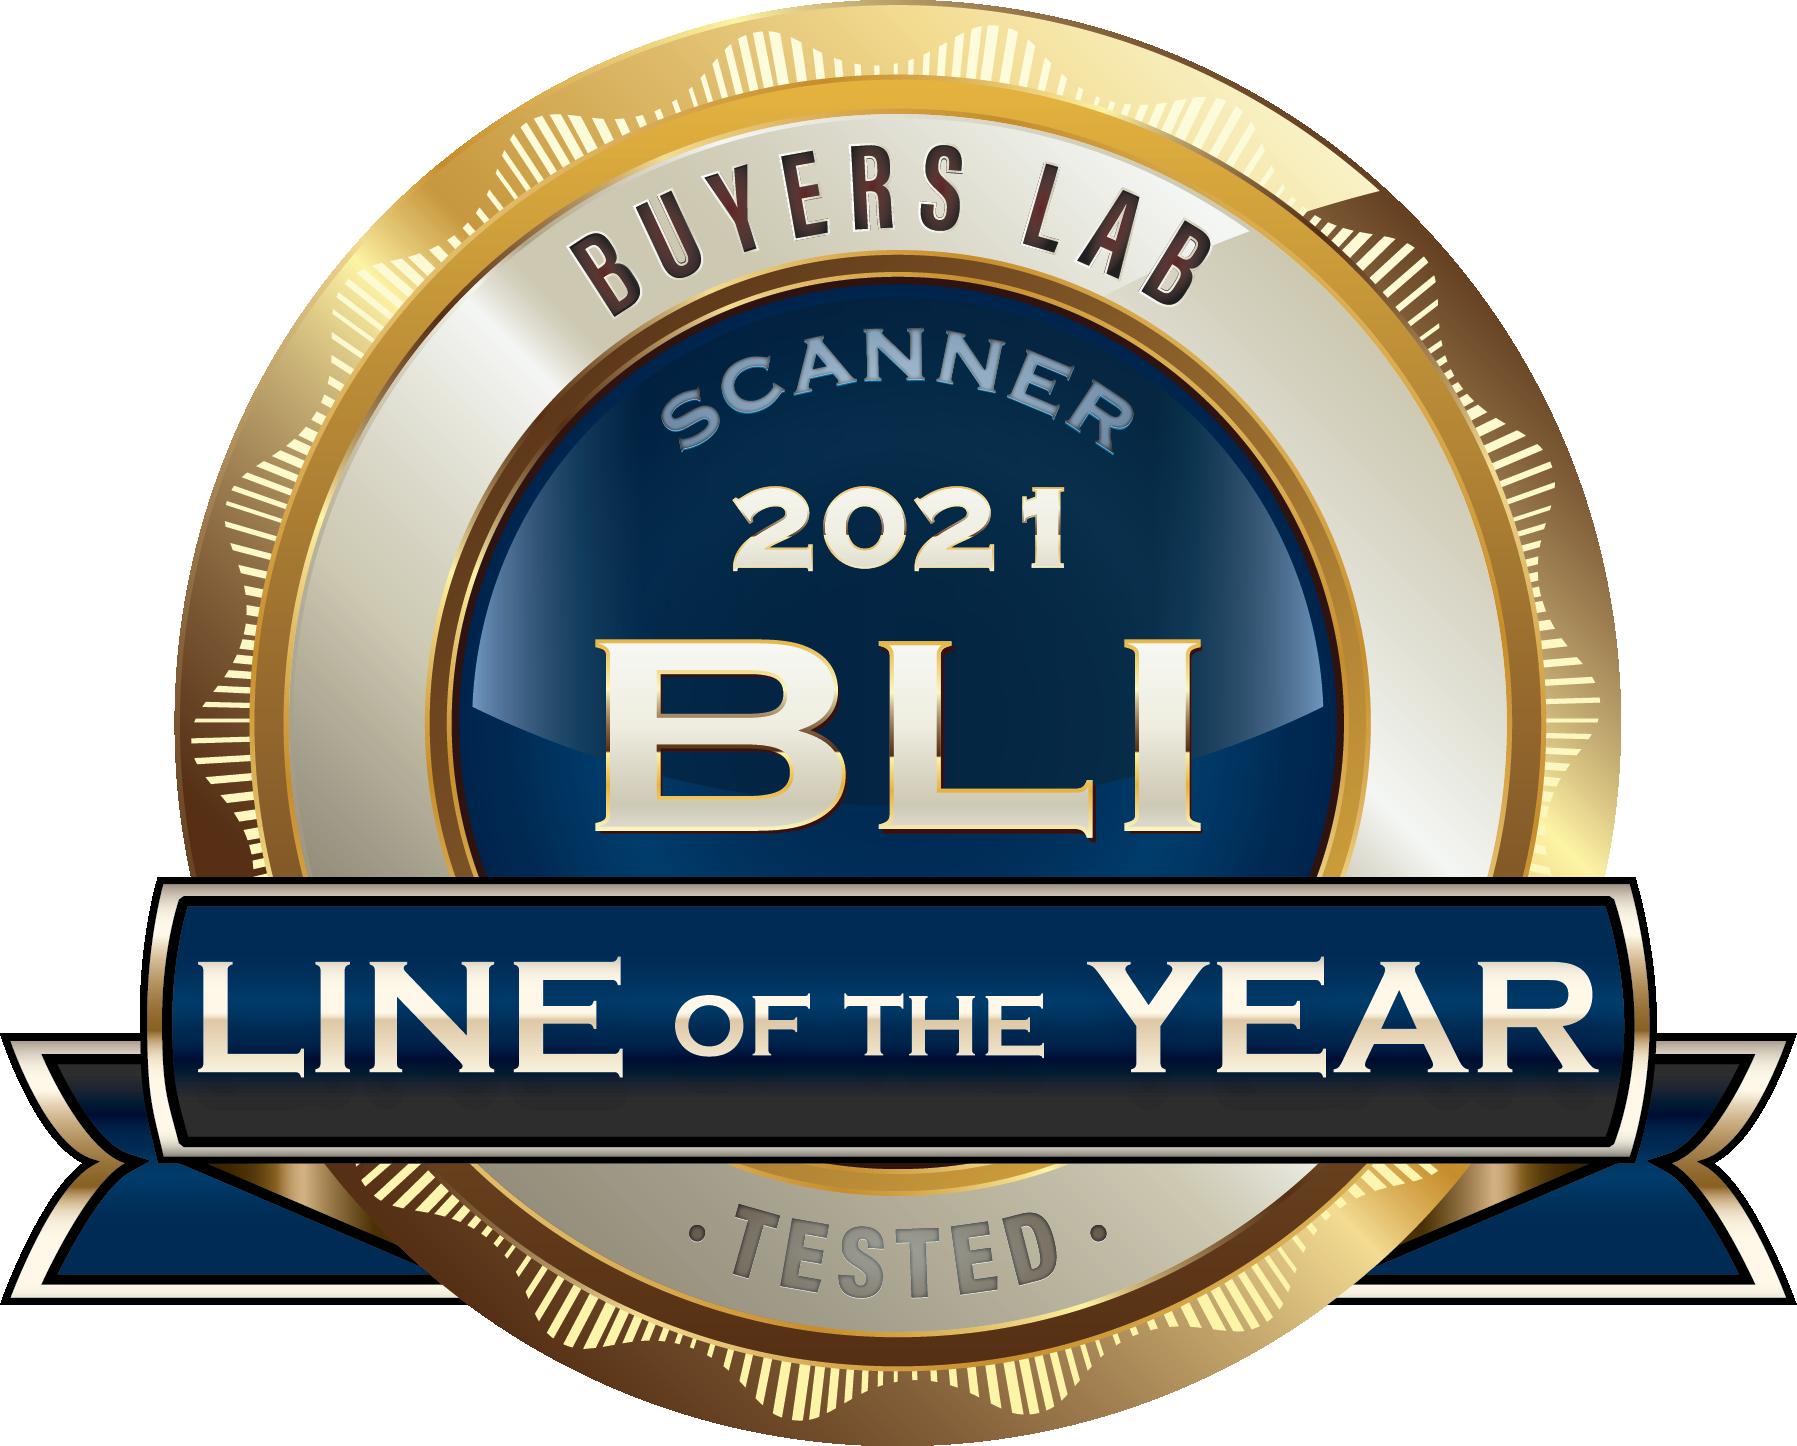 Kodak Alaris - Buyers Lab: Scanner Line of the Year Award